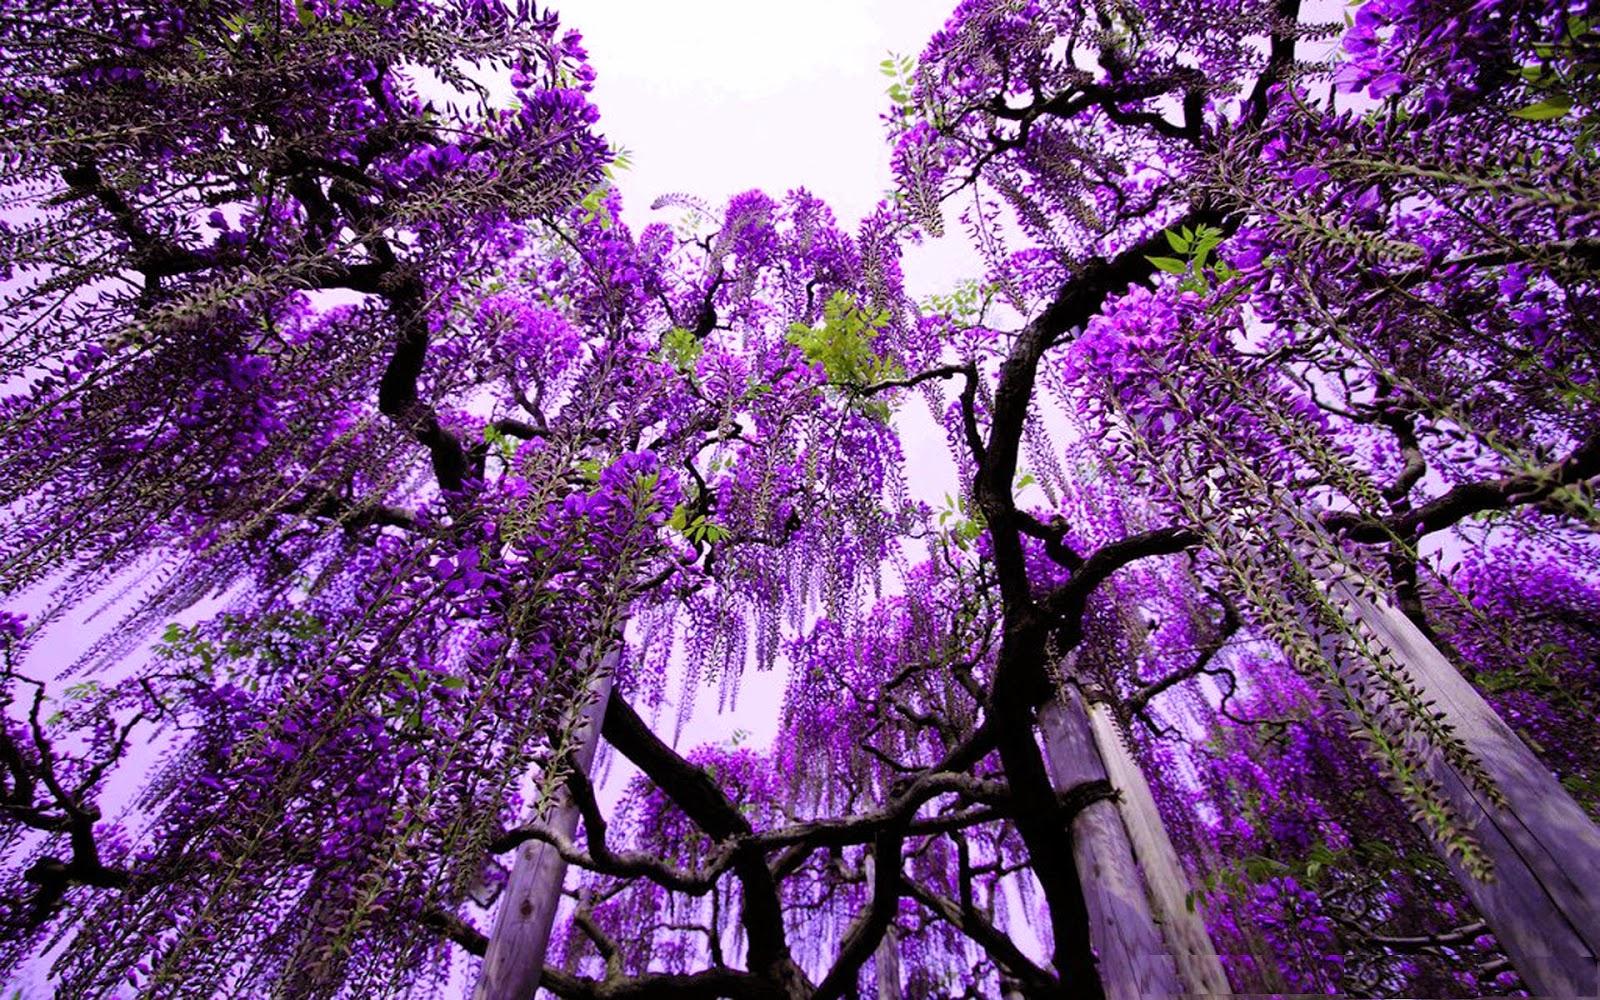 purple nature hd wallpapers wallpapersafari